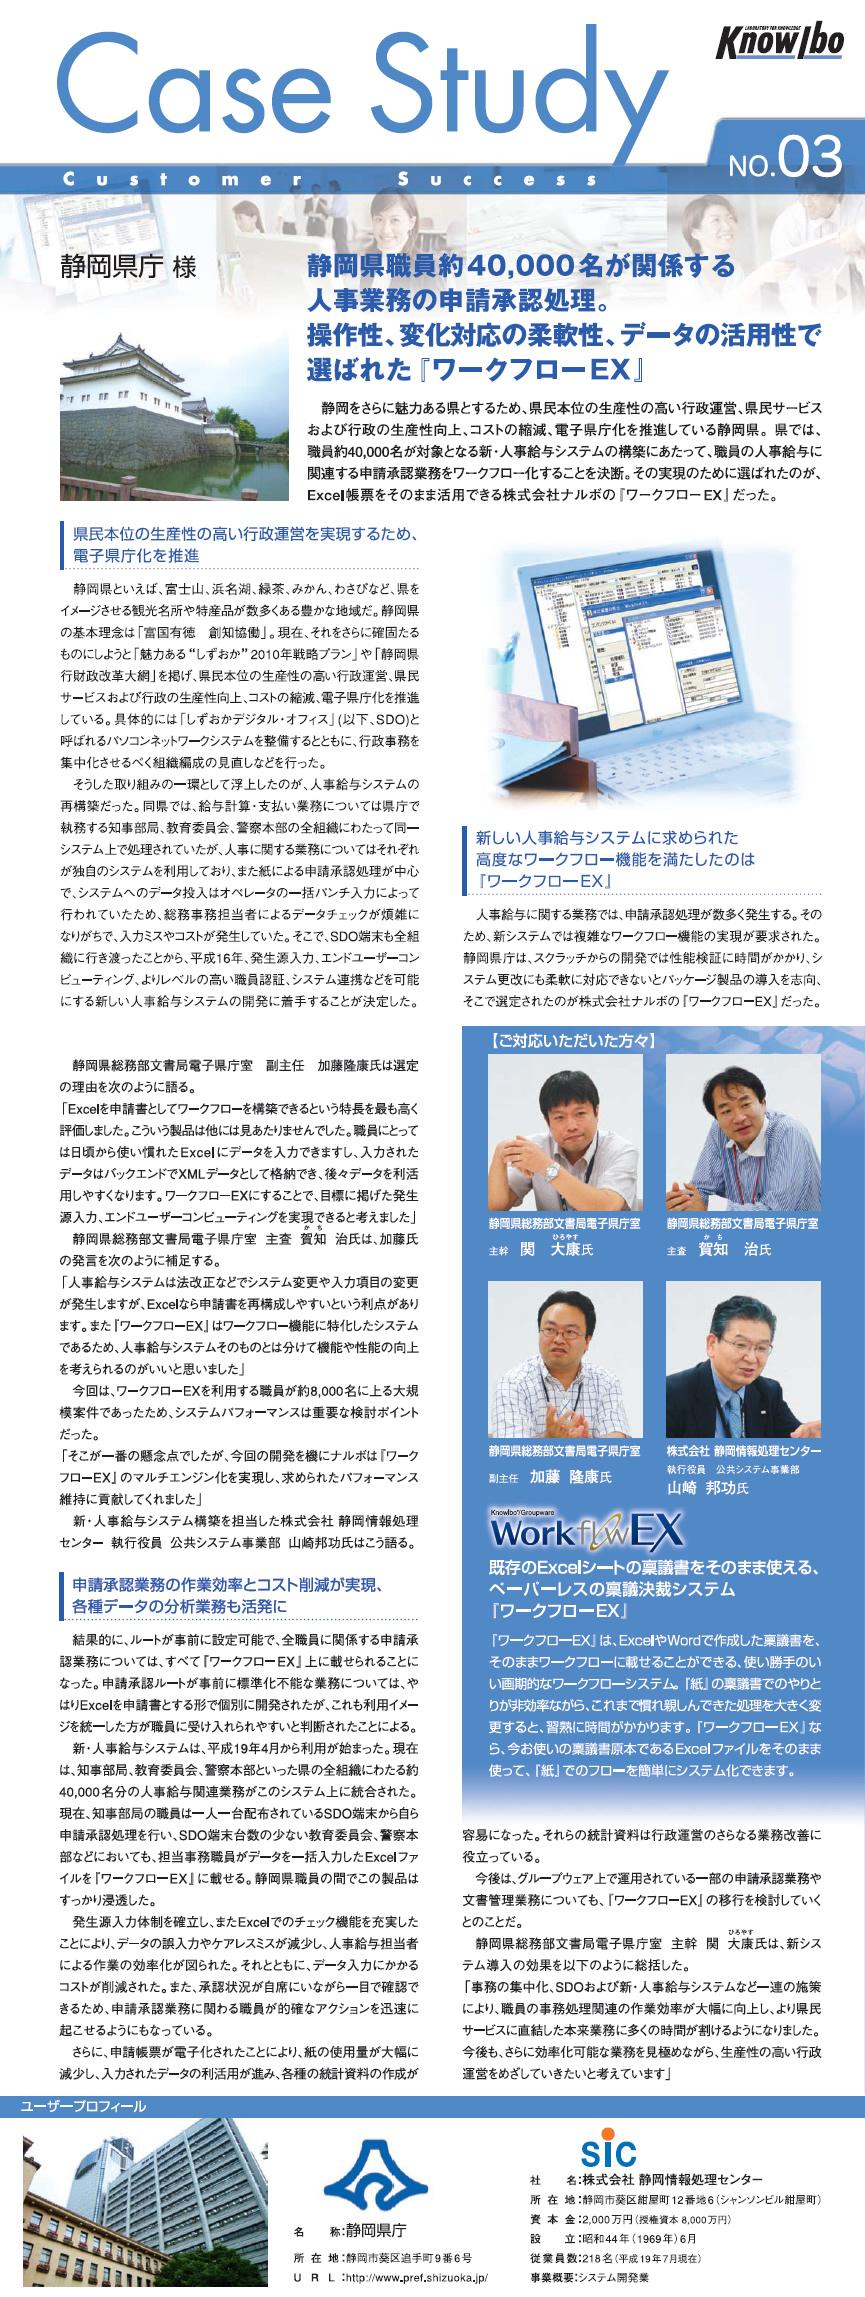 ワークフローEX導入事例リーフレット「静岡県庁」様